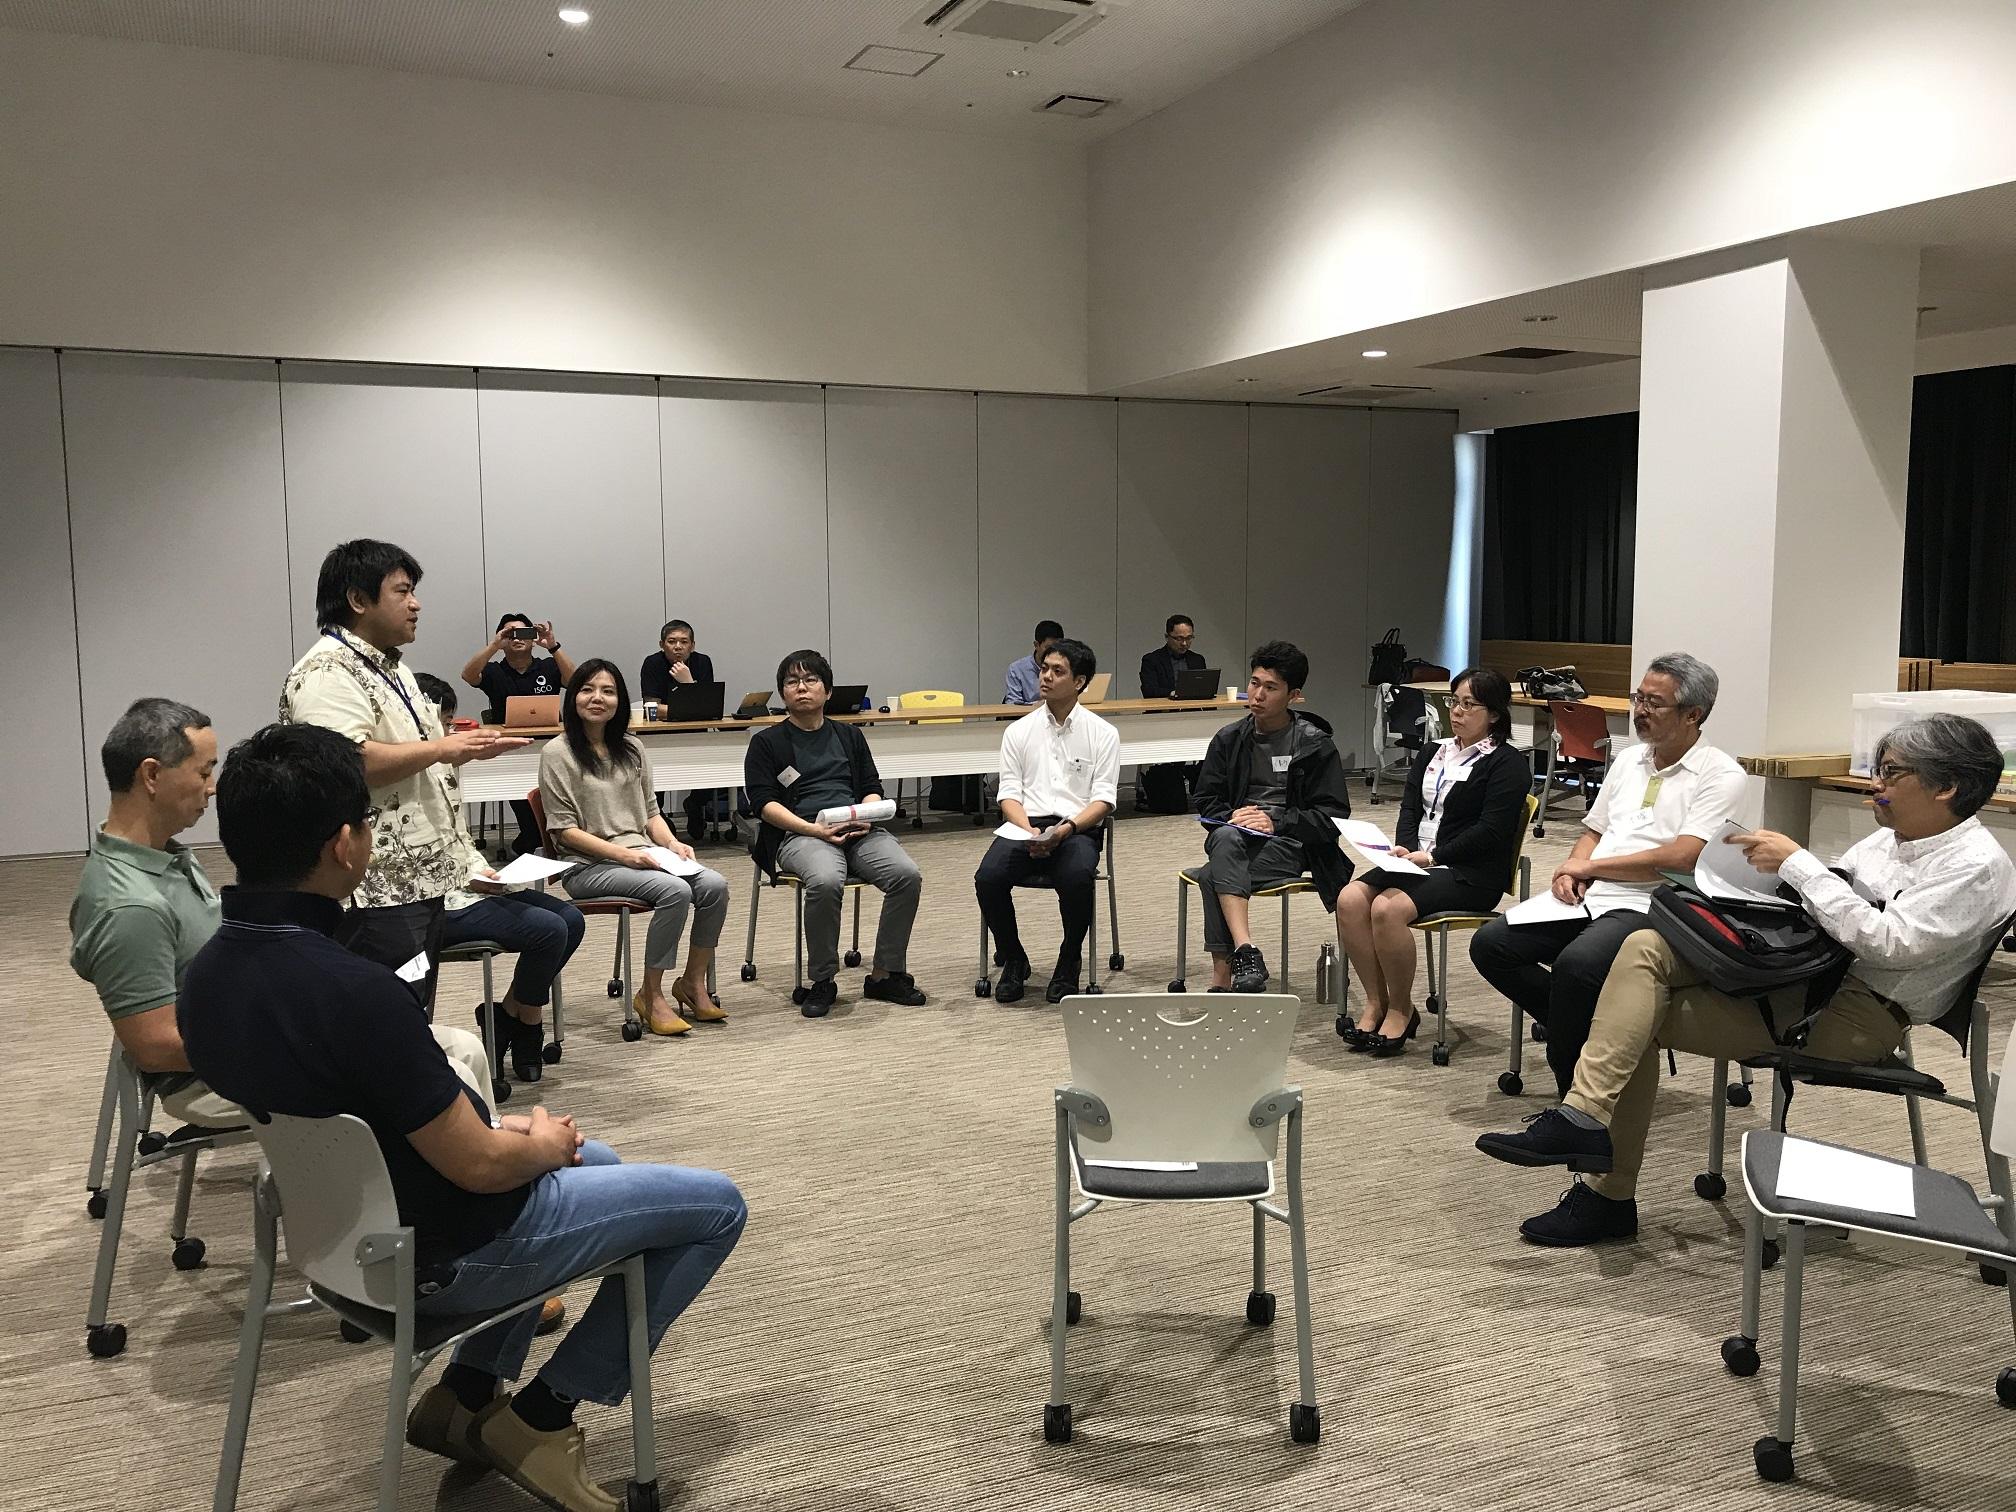 第6回フューチャーセッション「働きたい、働ける、働きやすい沖縄」